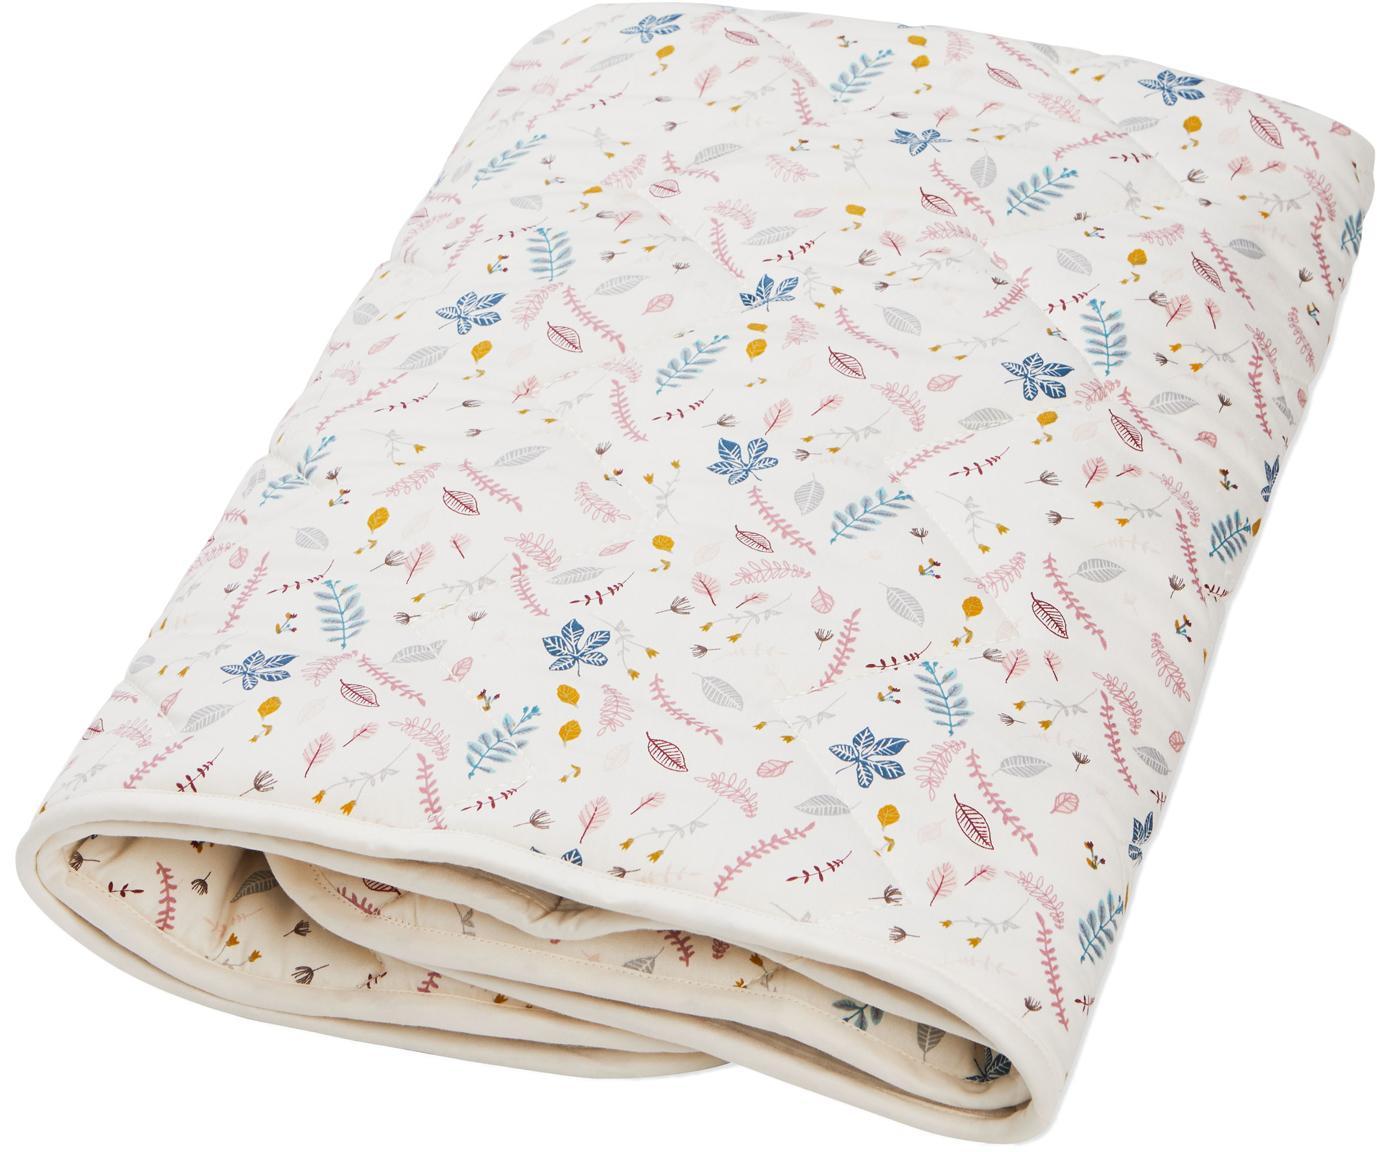 Pléd zorganické bavlny Pressed Leaves, Krémová, růžová, modrá, šedá, žlutá